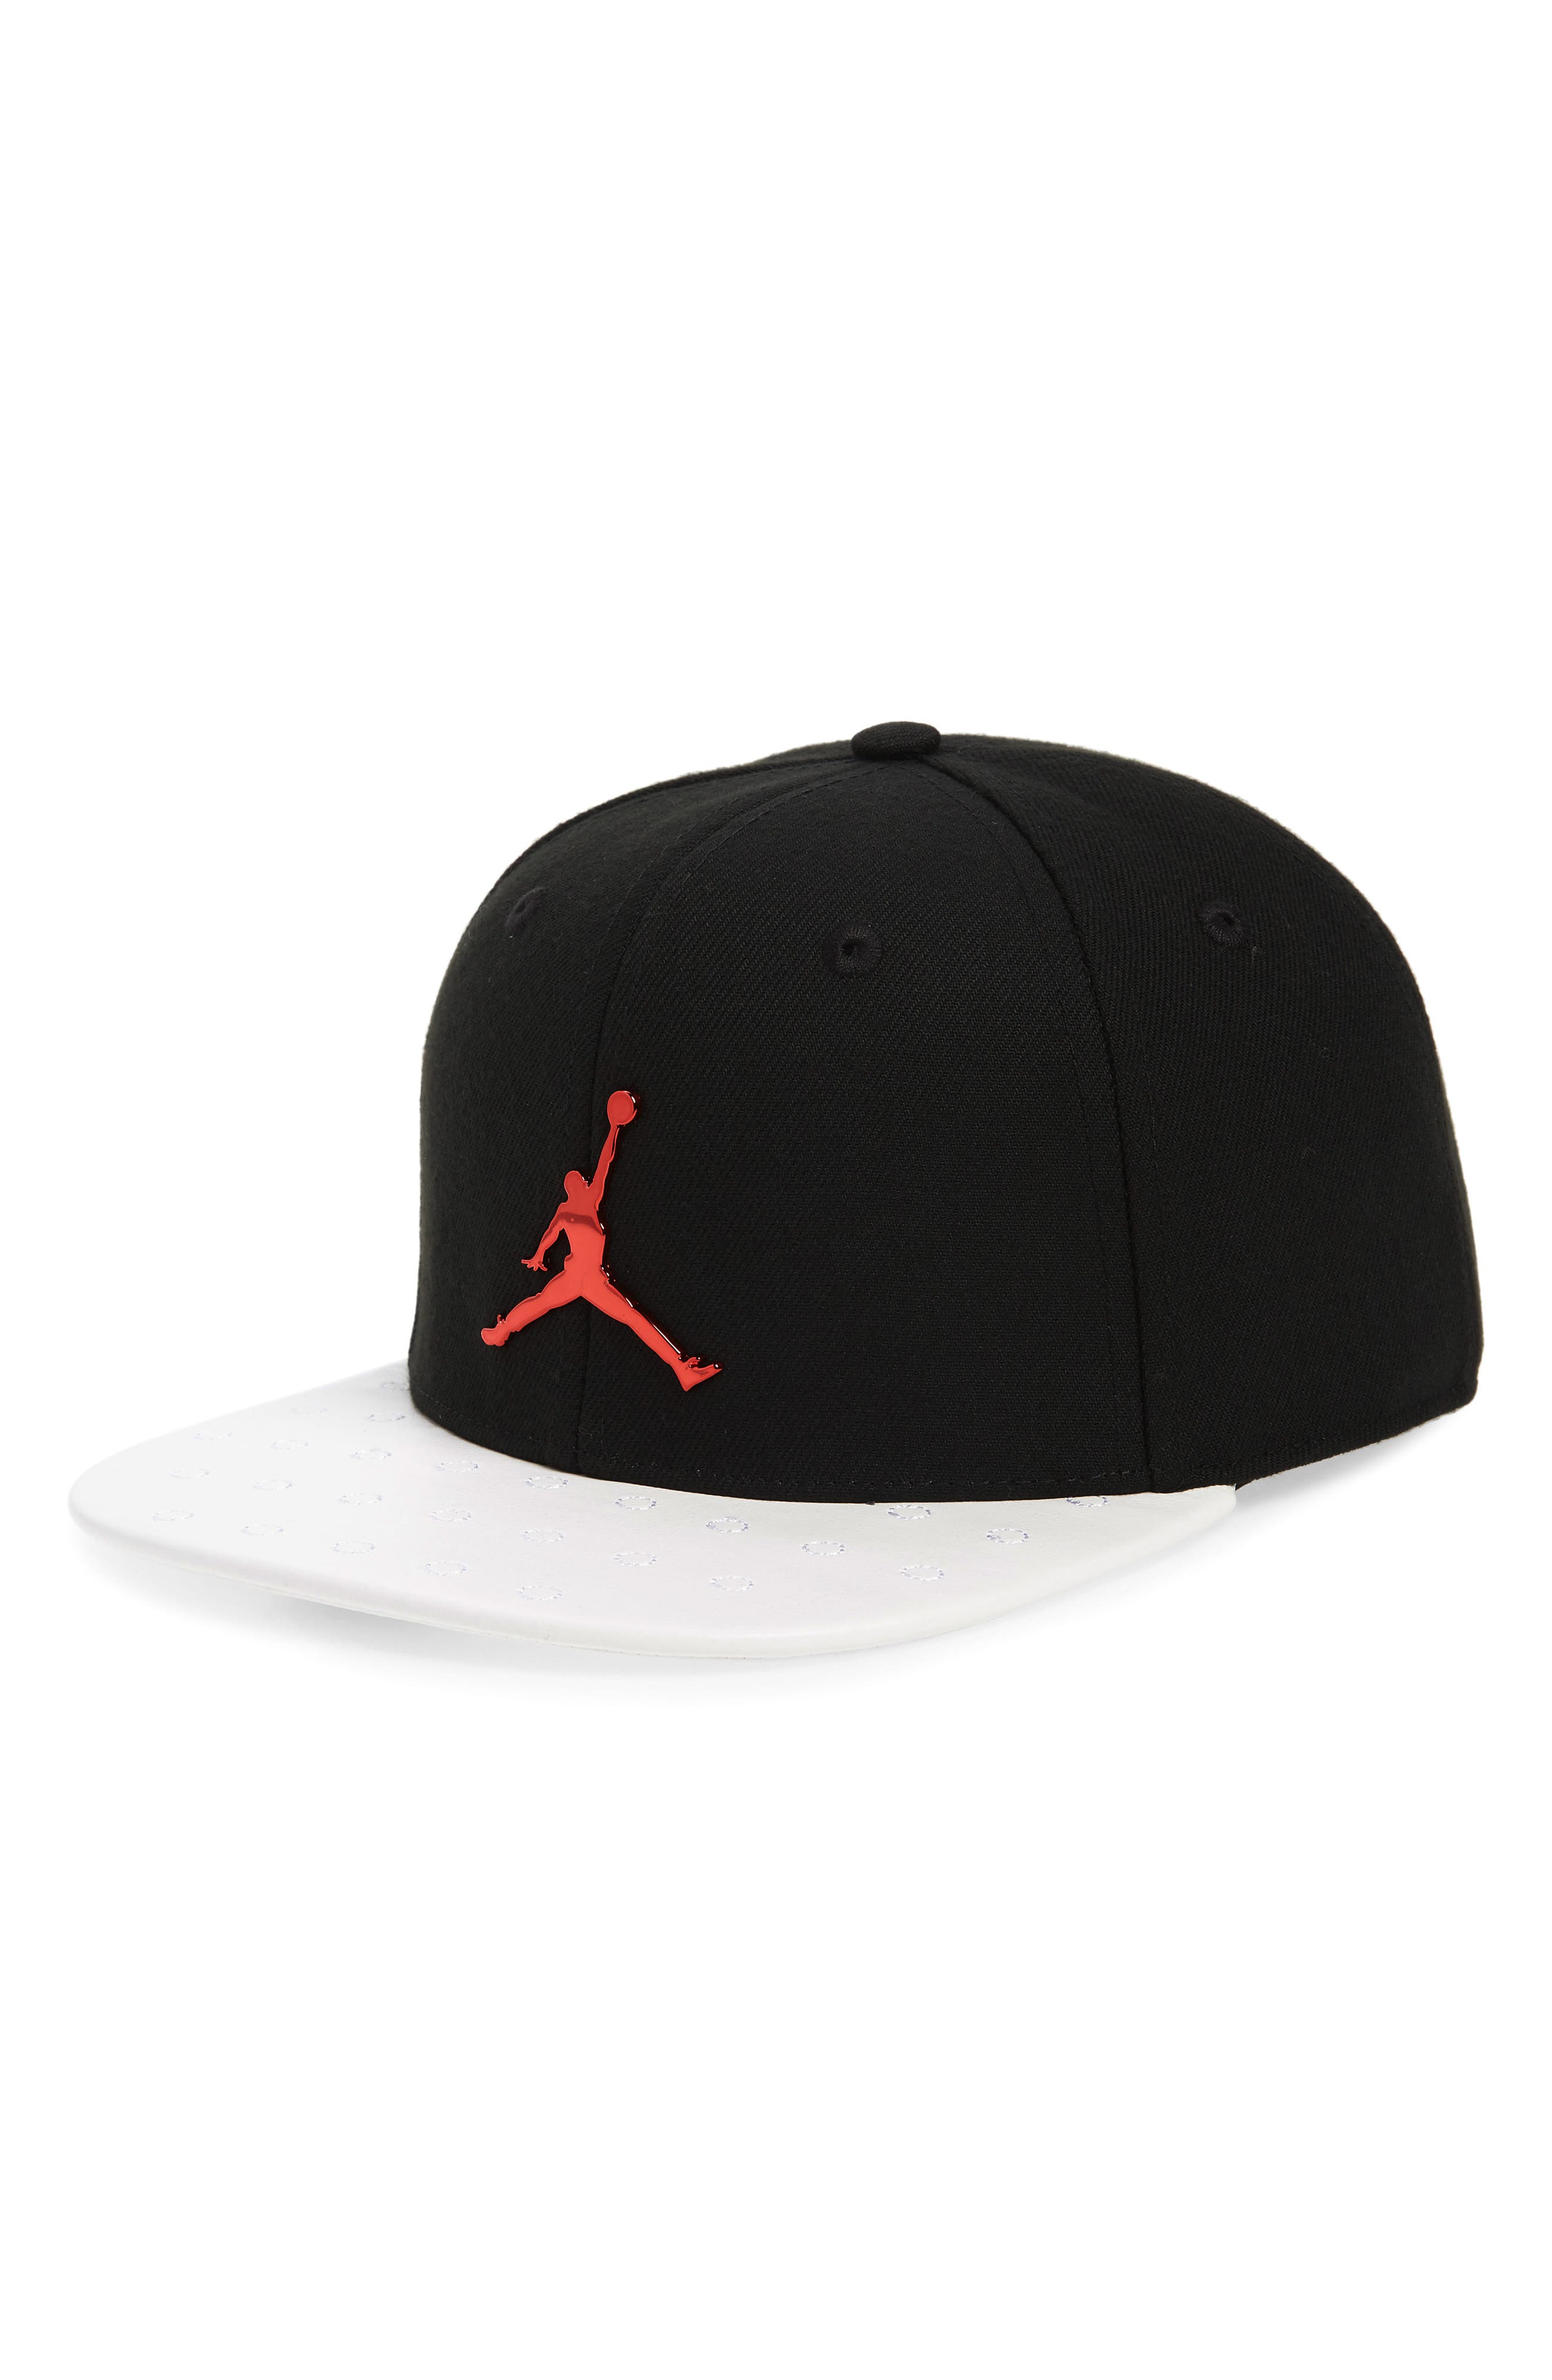 661025b6804 ... australia jordan retro 13 snapback baseball cap big boys 90b5f c57f7